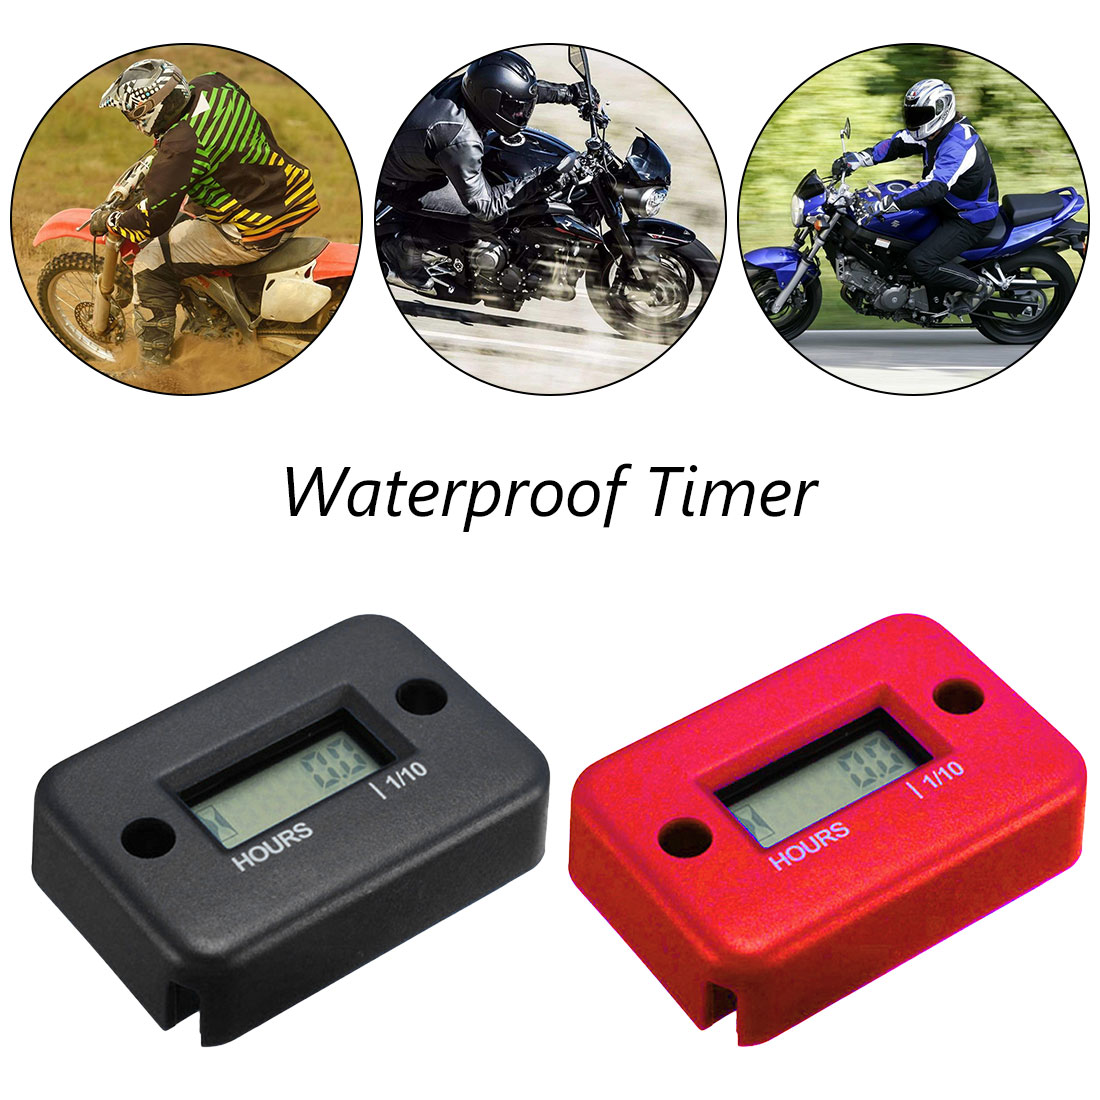 Waterproof LCD Display Digital Hour Meter Inductive Hour Meter Tachometer For Bike Motorcycle Snowmobile Marine Engine 0-9999.9H